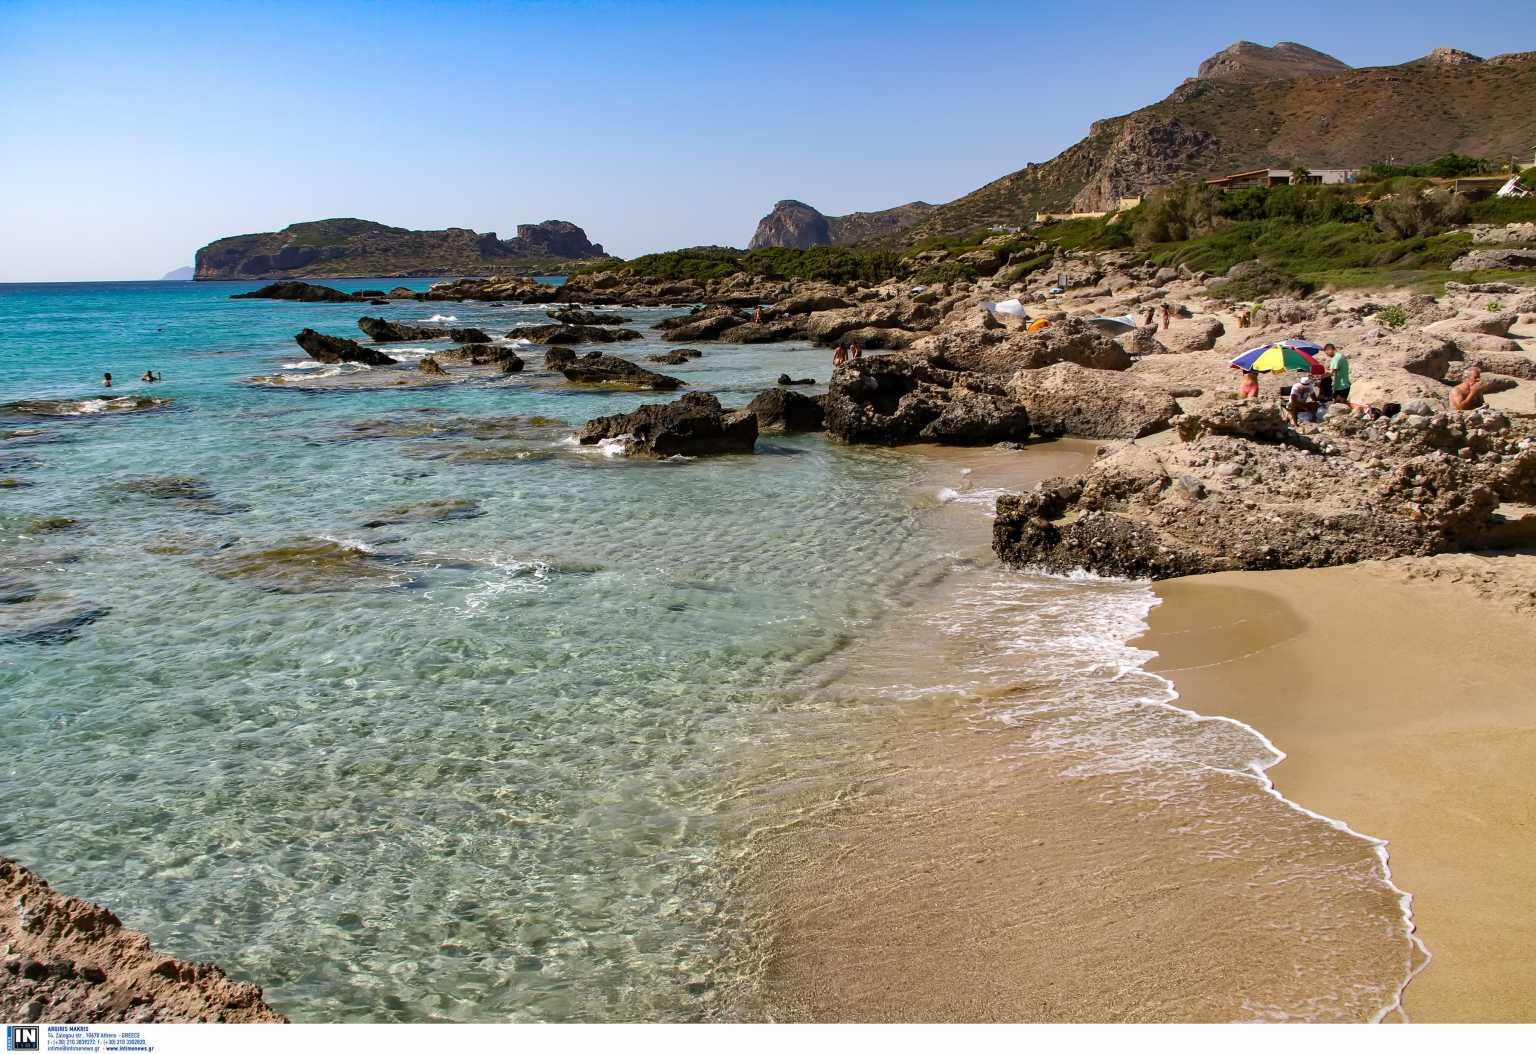 Οι Νοτιάδες ανέβασαν τη θερμοκρασία στη Βόρεια Κρήτη στους 29,2 βαθμούς